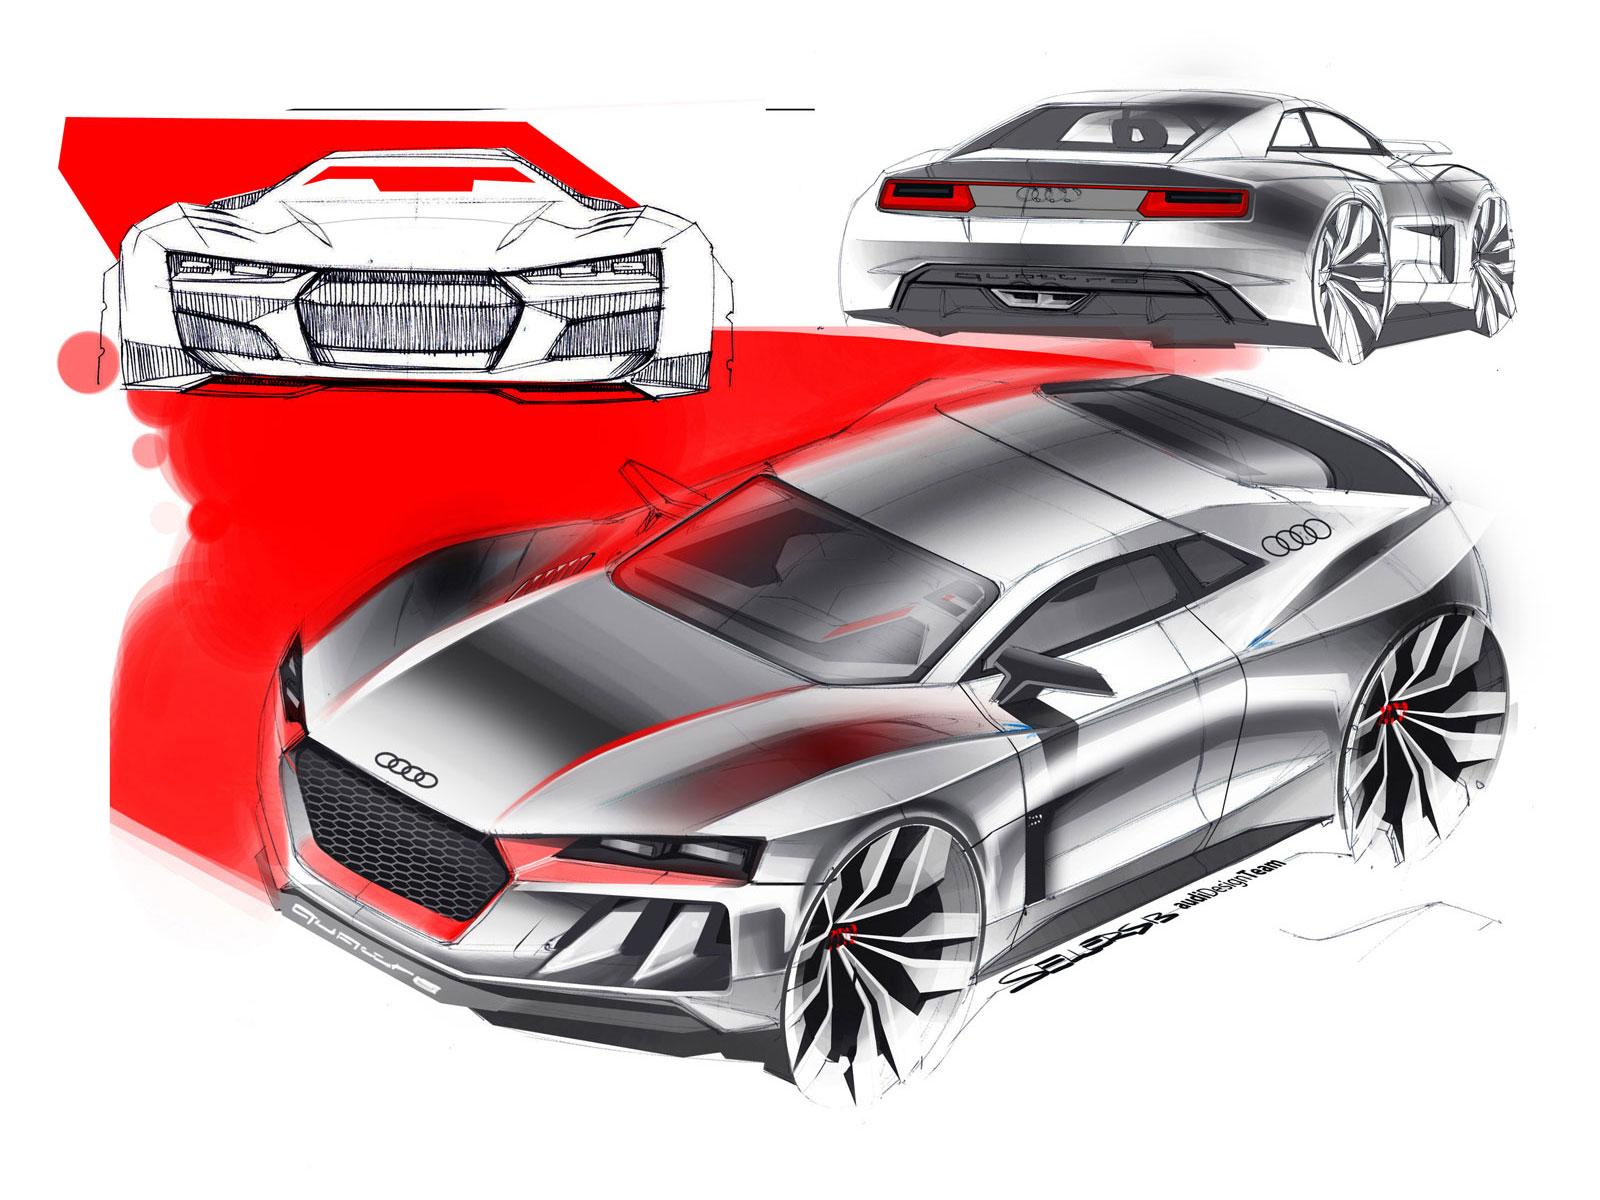 2013 Audi Sport Quattro Concepts